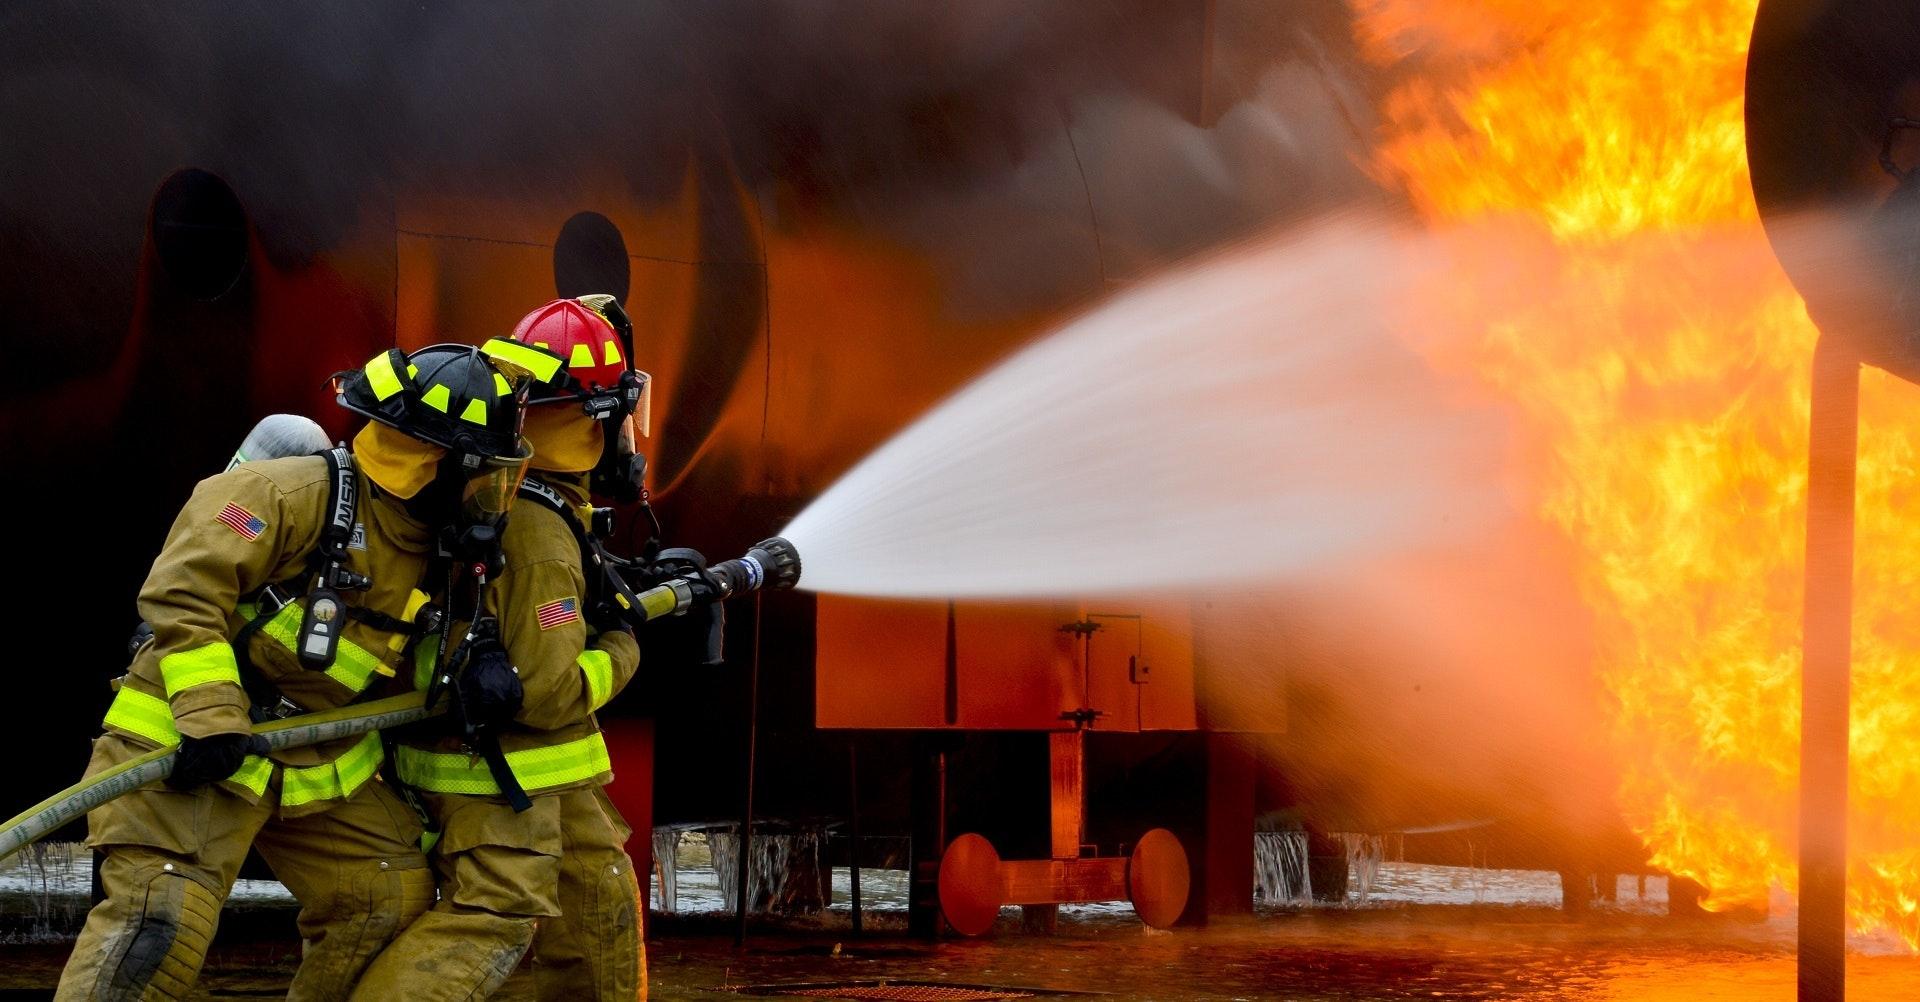 野外森林火灾扑火人员防护装备种类及应用